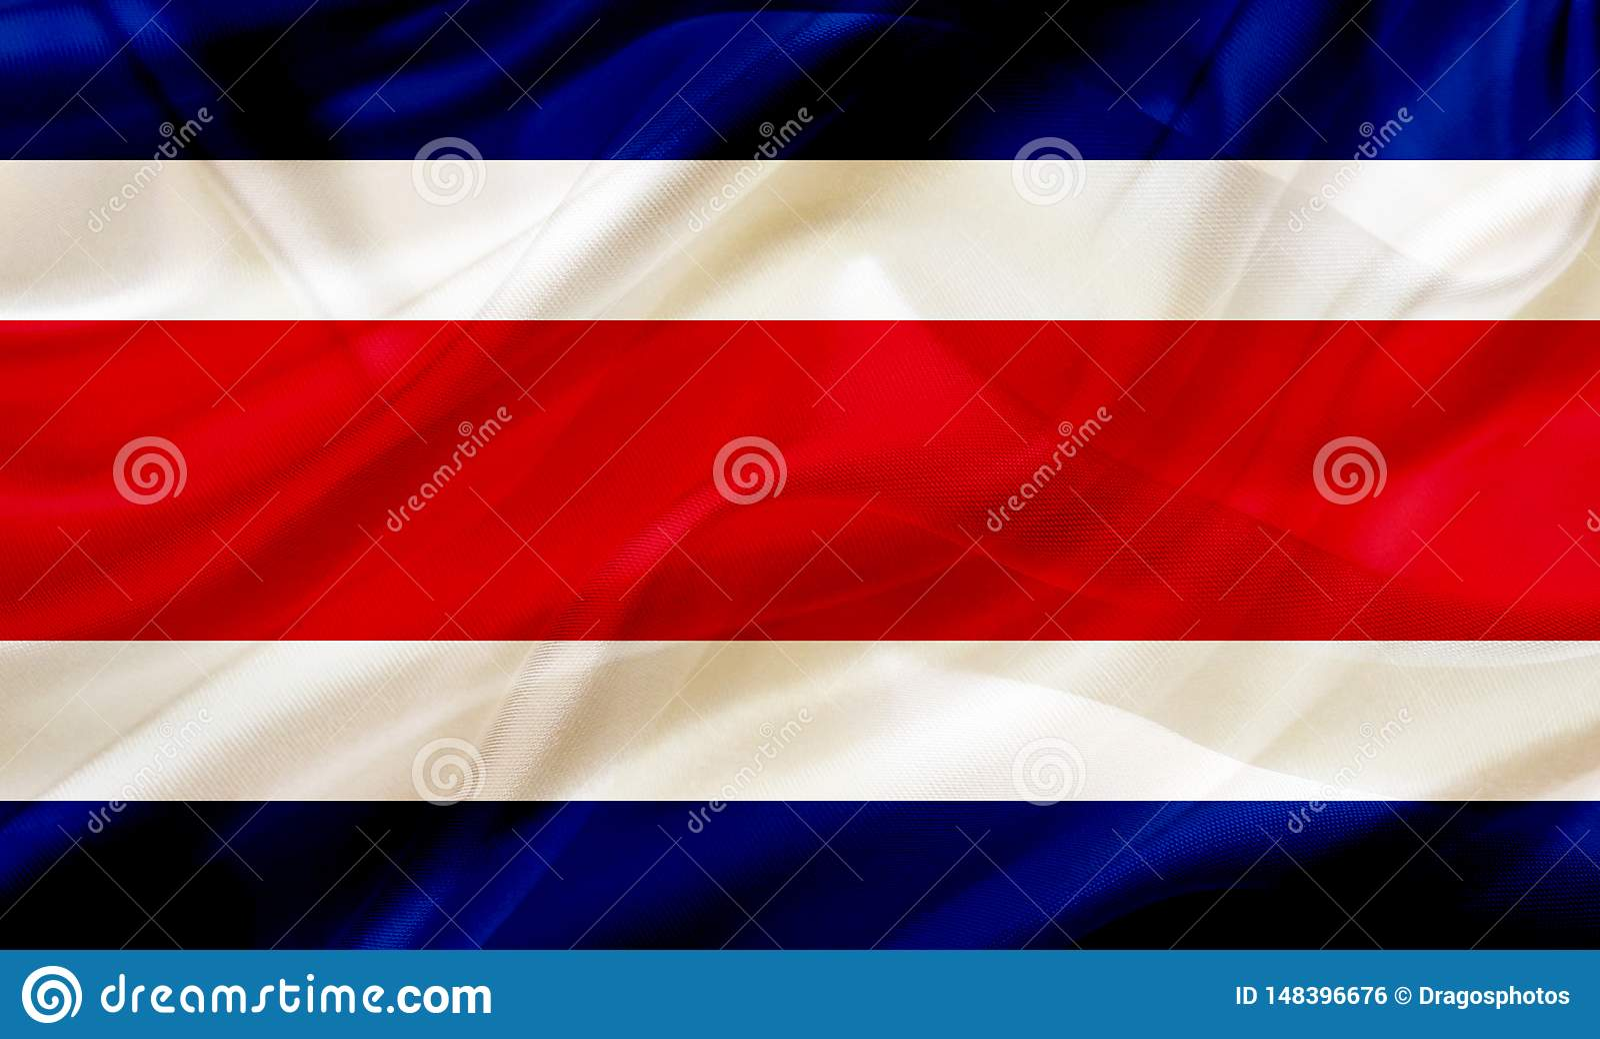 Σημαία χωρών της Κόστα Ρίκα στο μετάξι ή τη μεταξωτή σύσταση κυματισμού